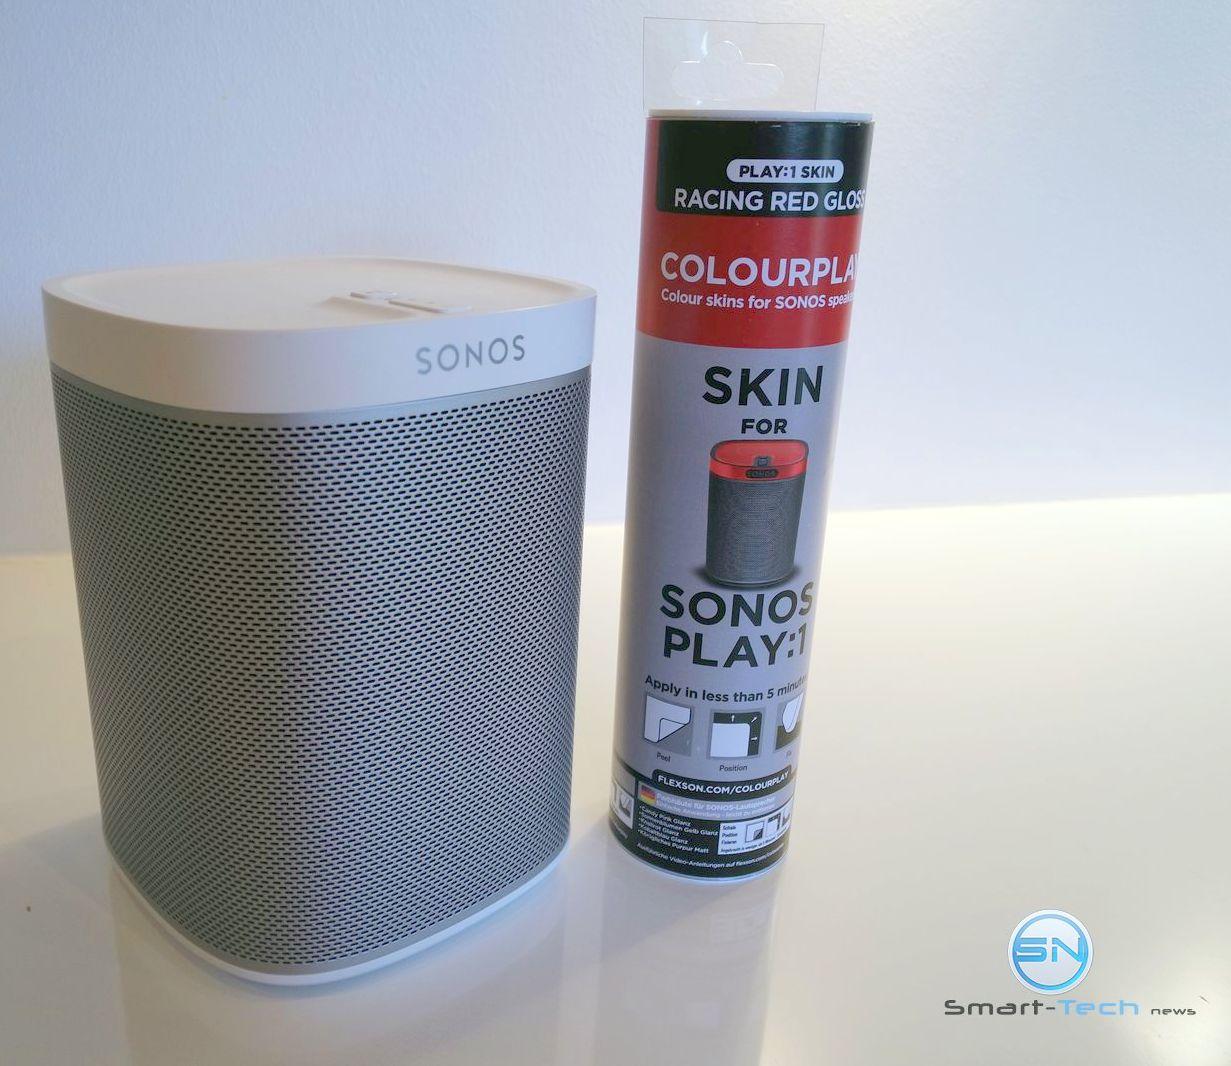 Die Sonos Play 1 mit Skin verschönert